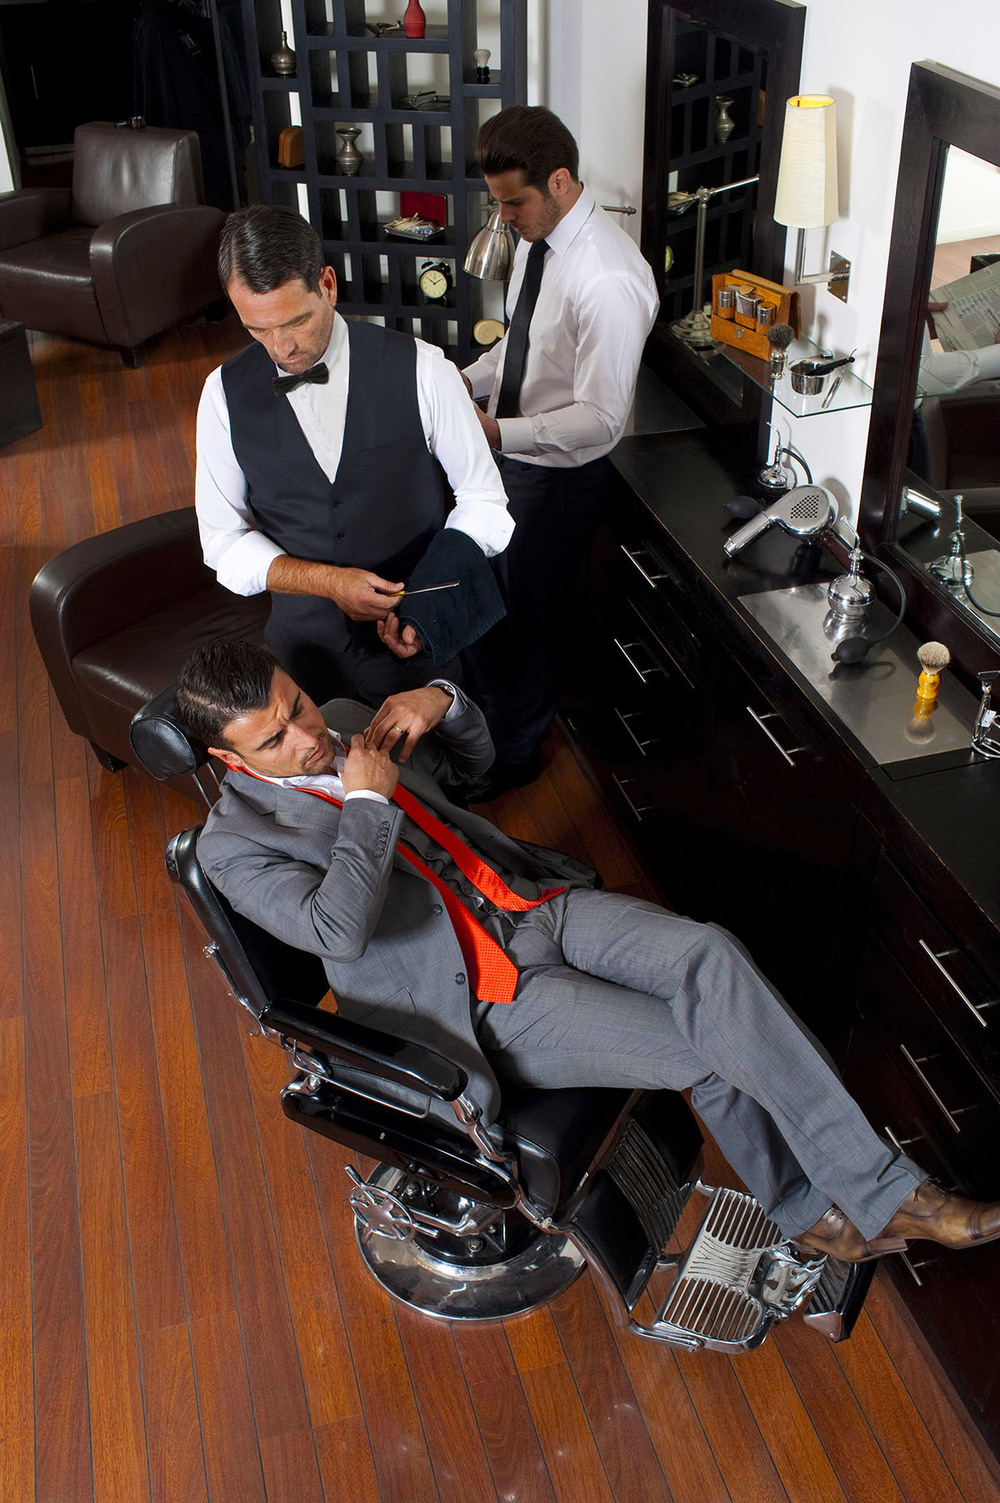 Salon barbier -Barbclub